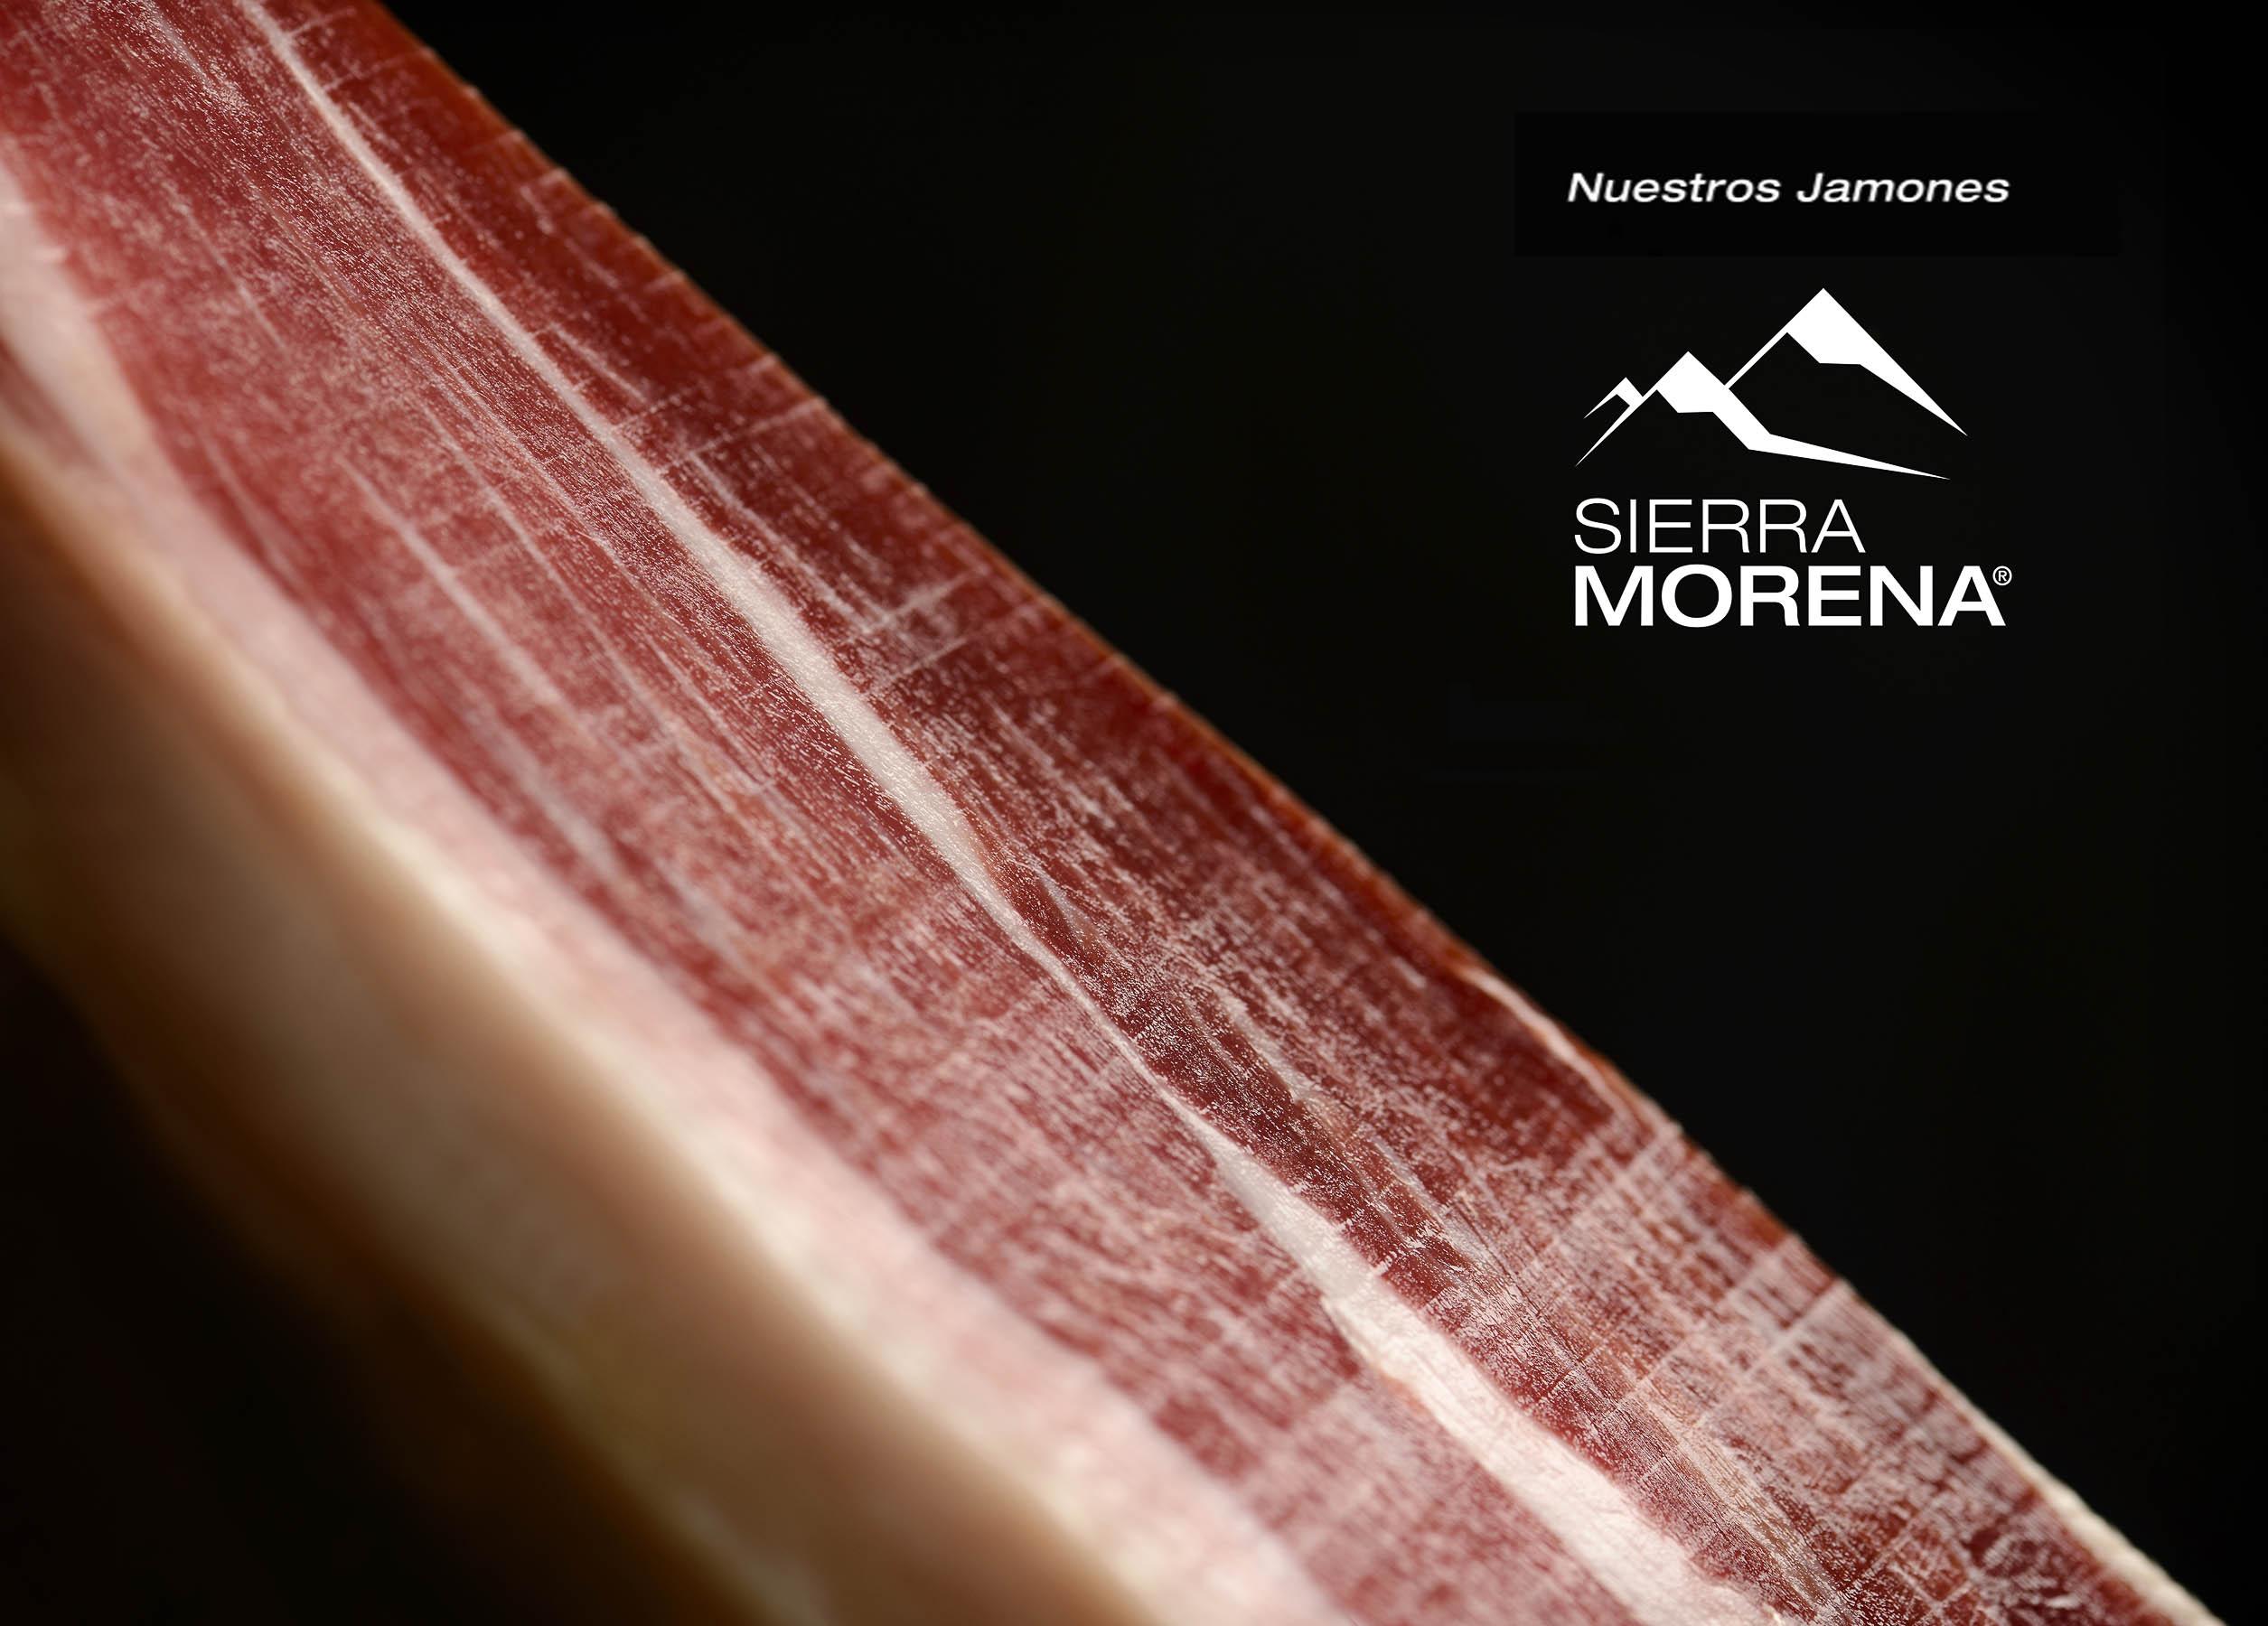 ramon-vaquero_alimentacion_sierramorena_6